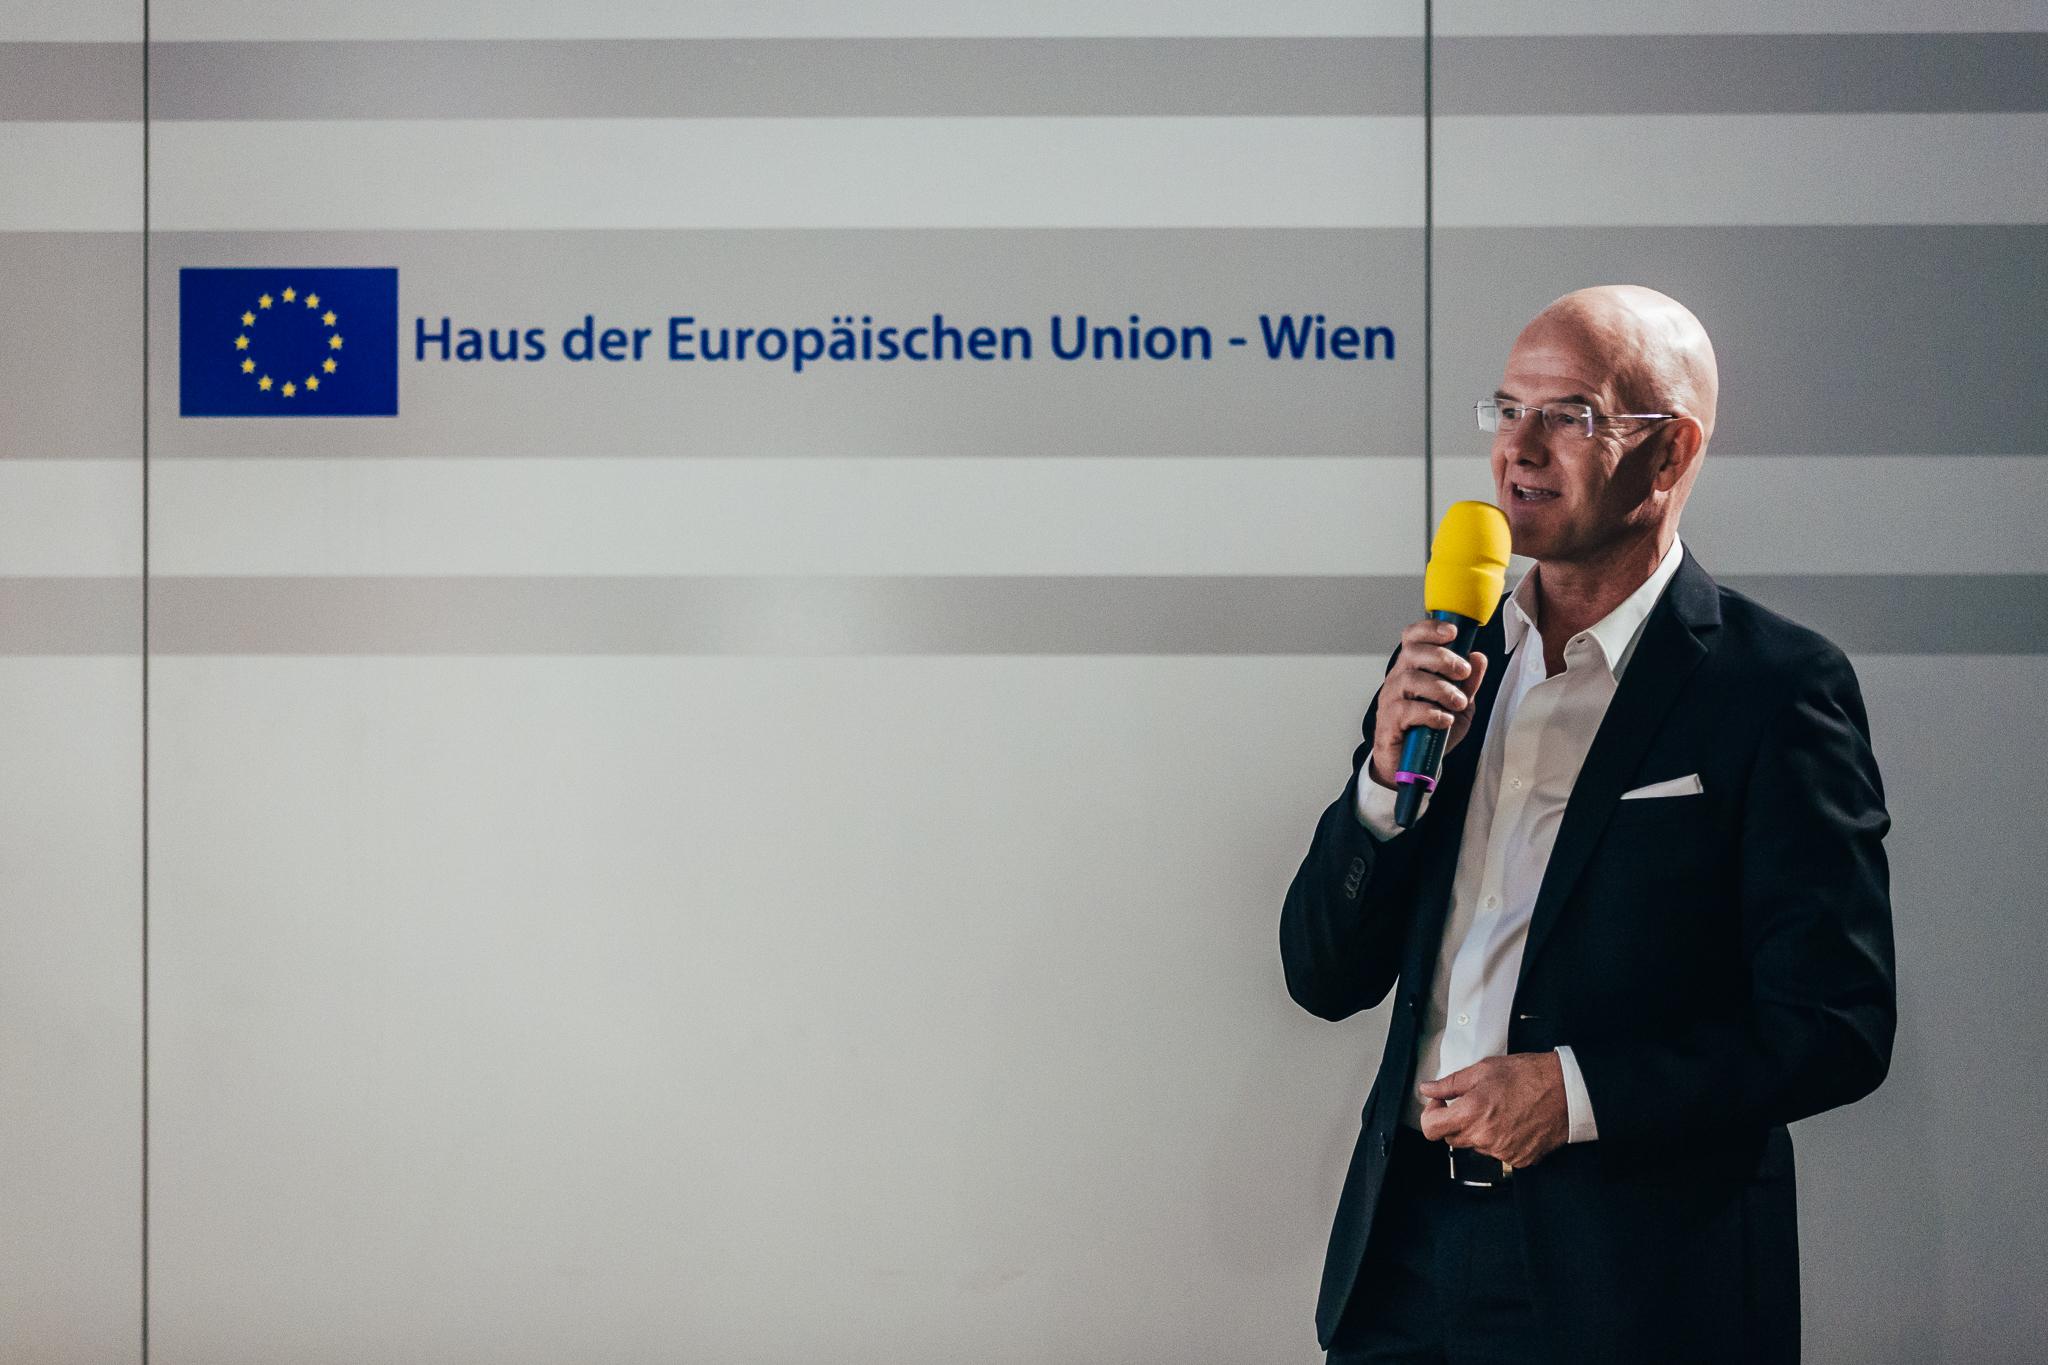 Bürgerforum_Buchpräsentation_130918_98_web.jpg